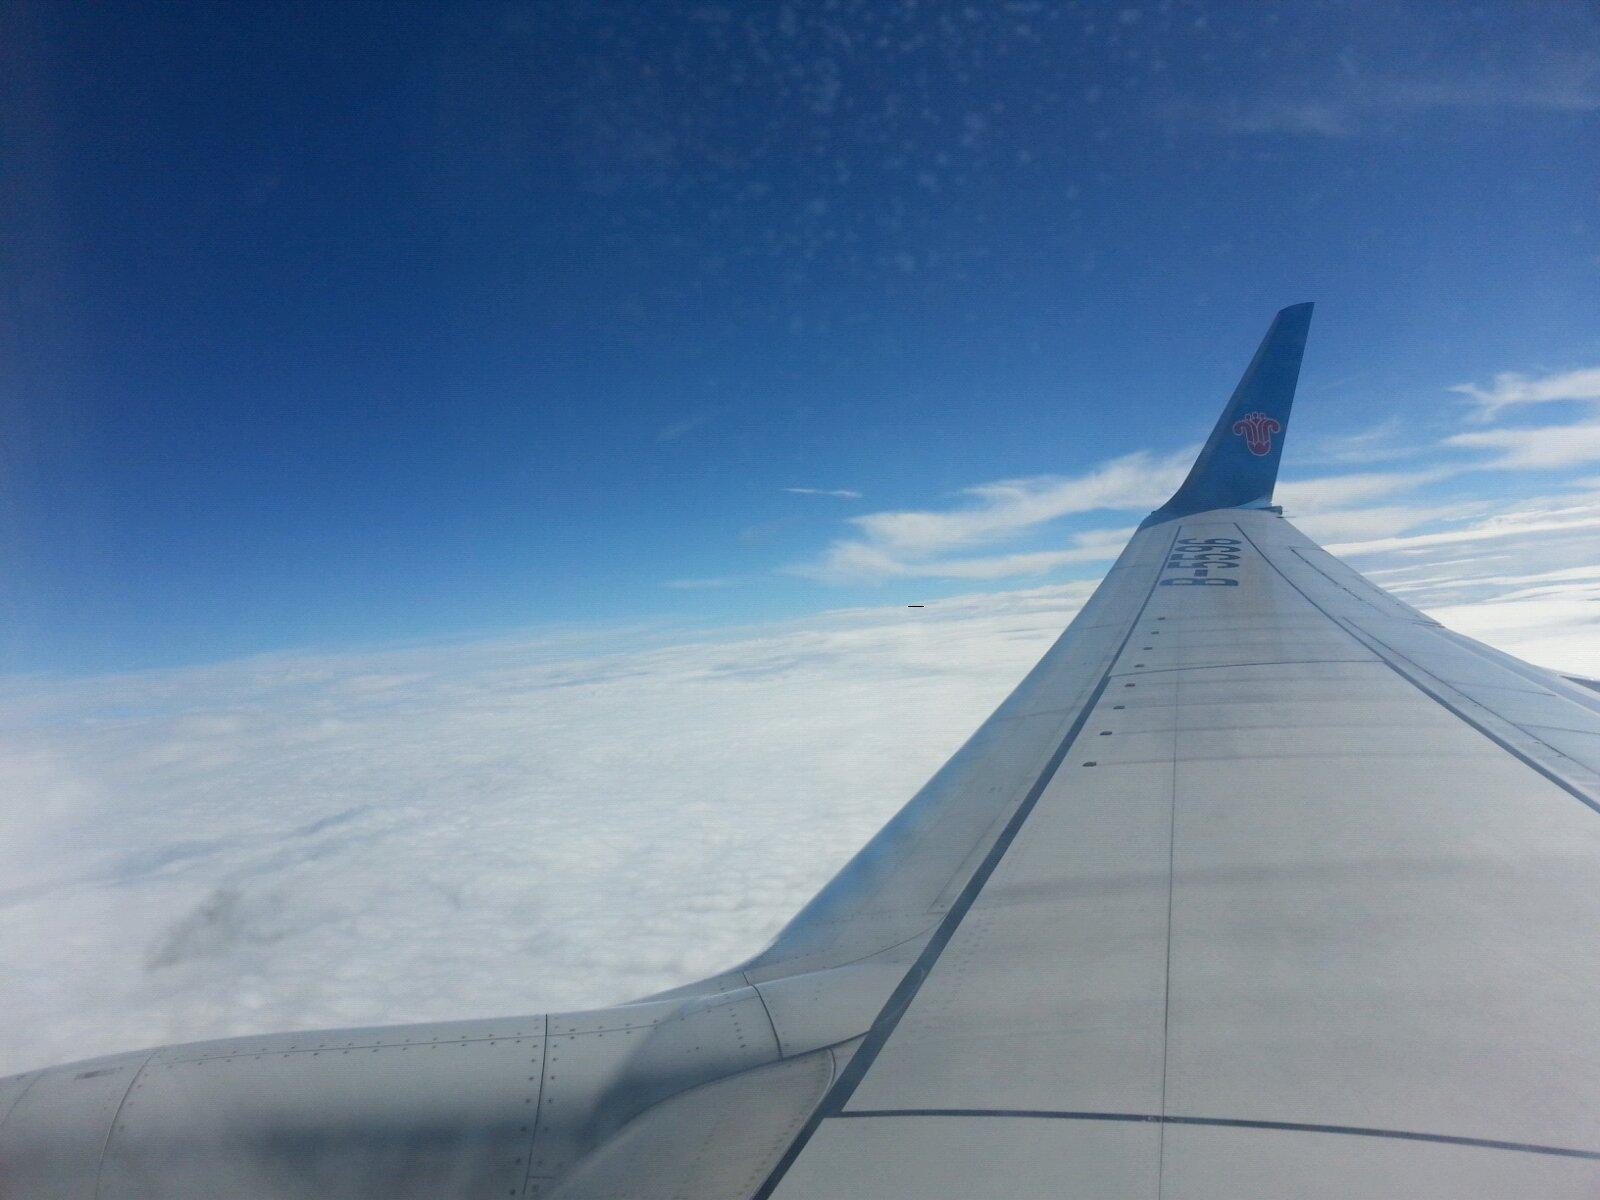 广州到西安的飞机才两个小时